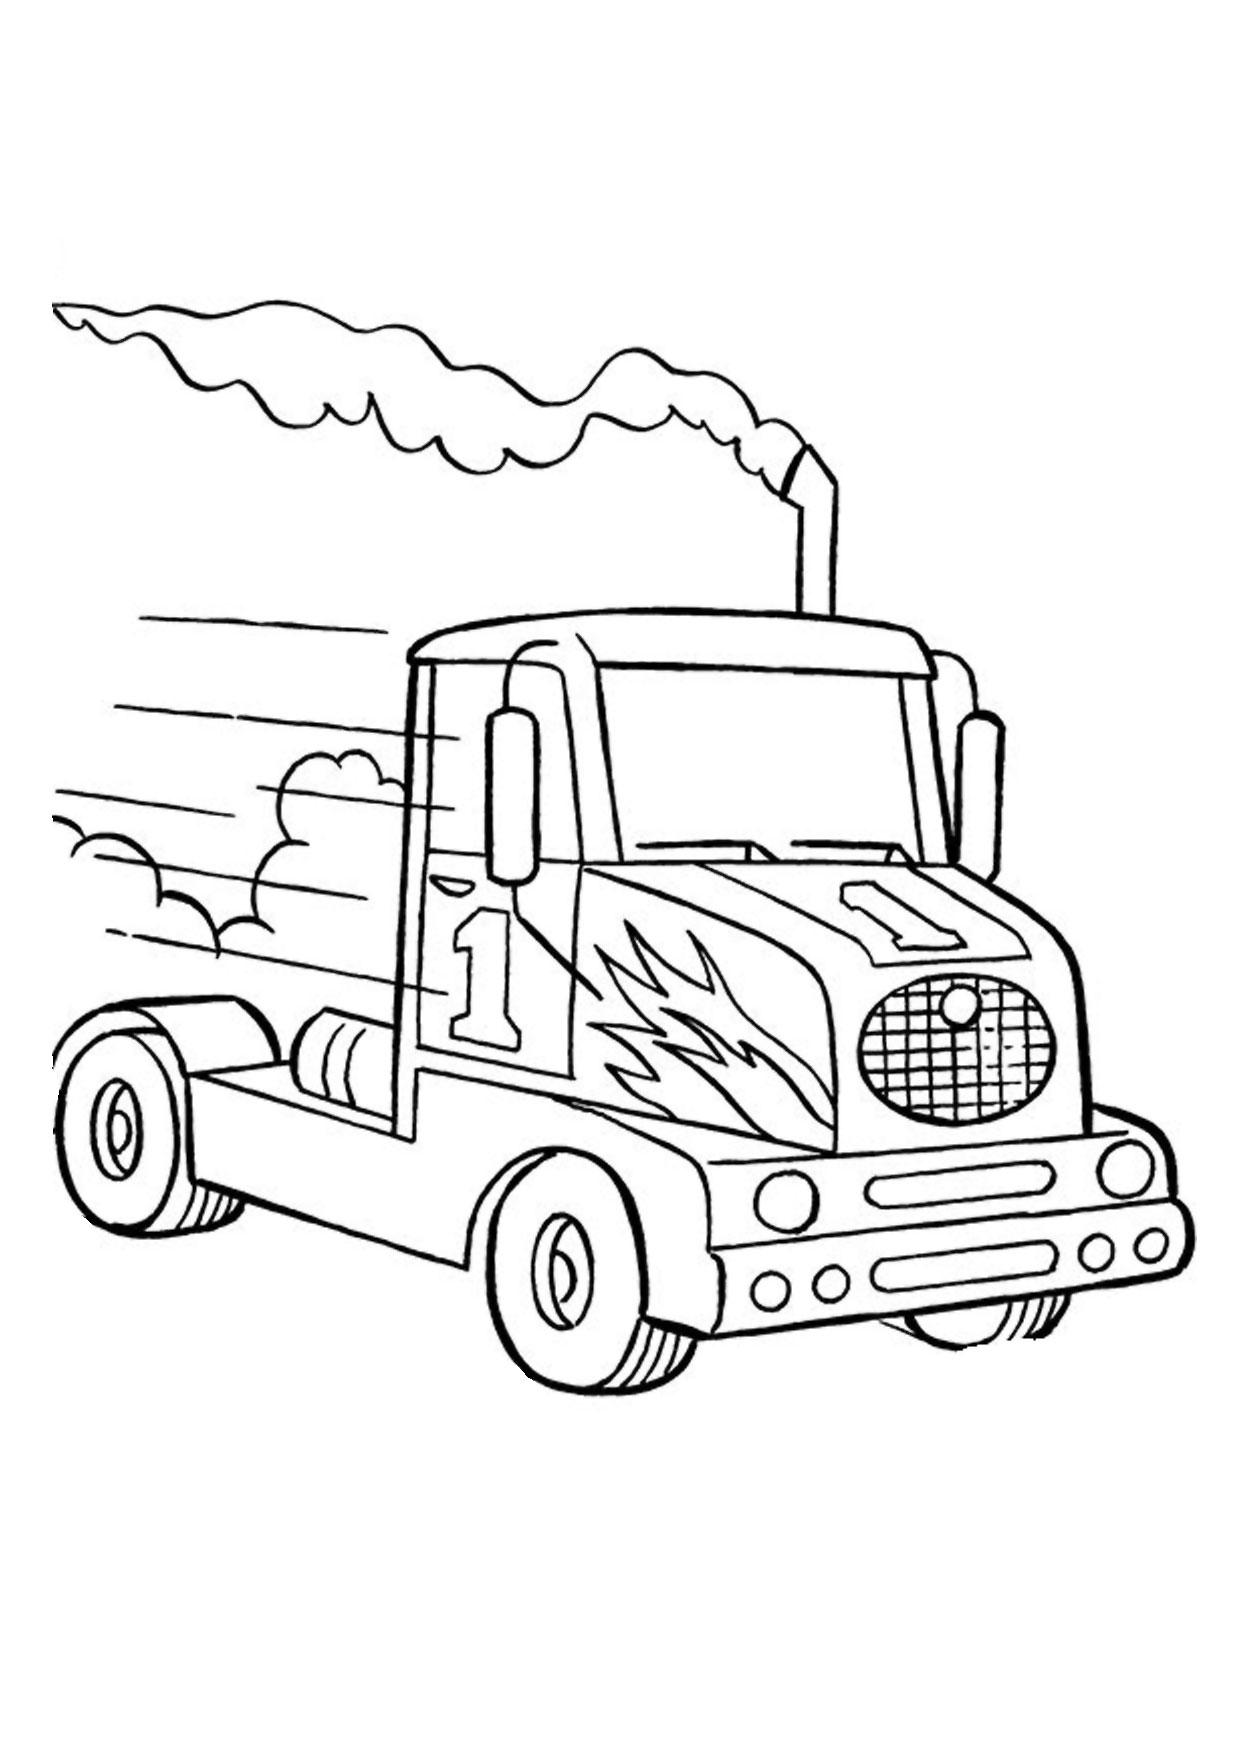 Disegno di camion da colorare 44